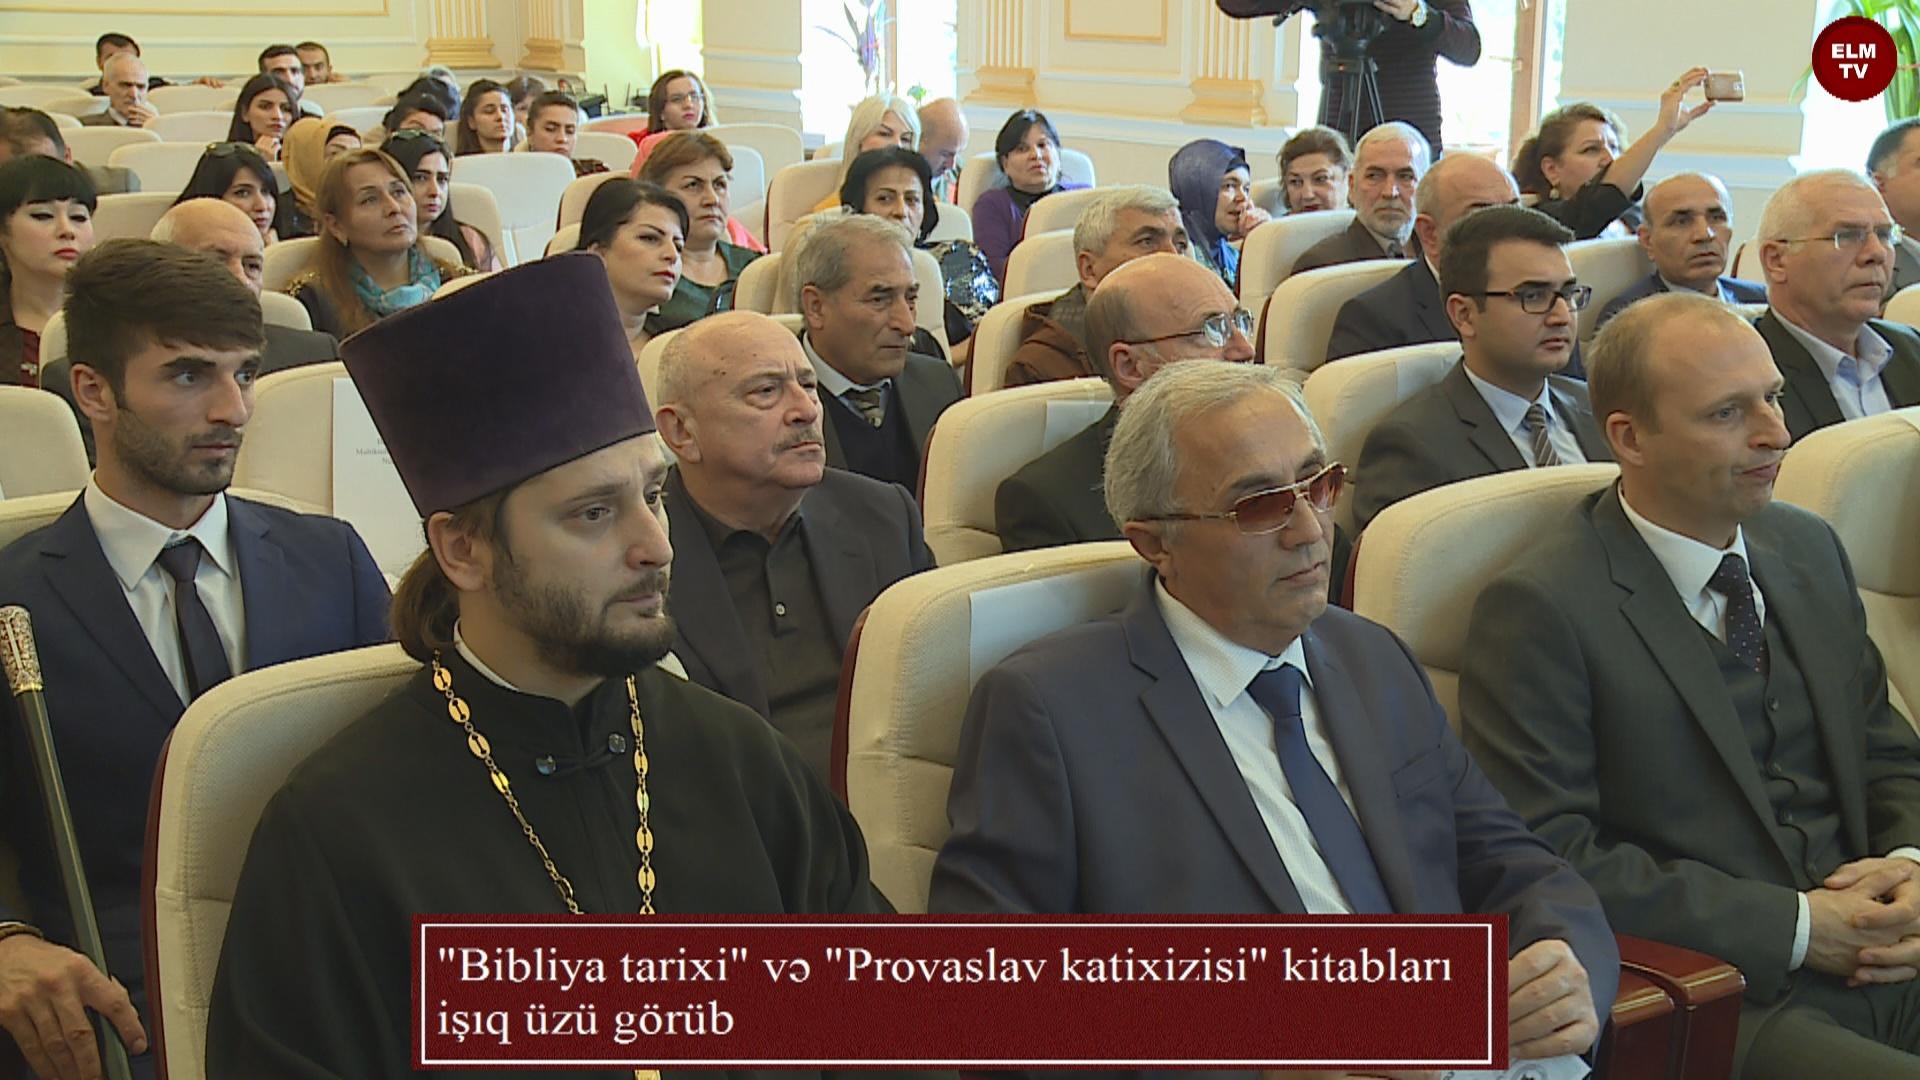 """""""Bibliya tarixi"""" və """"Provaslav katixizisi"""" kitabları işıq üzü görüb"""